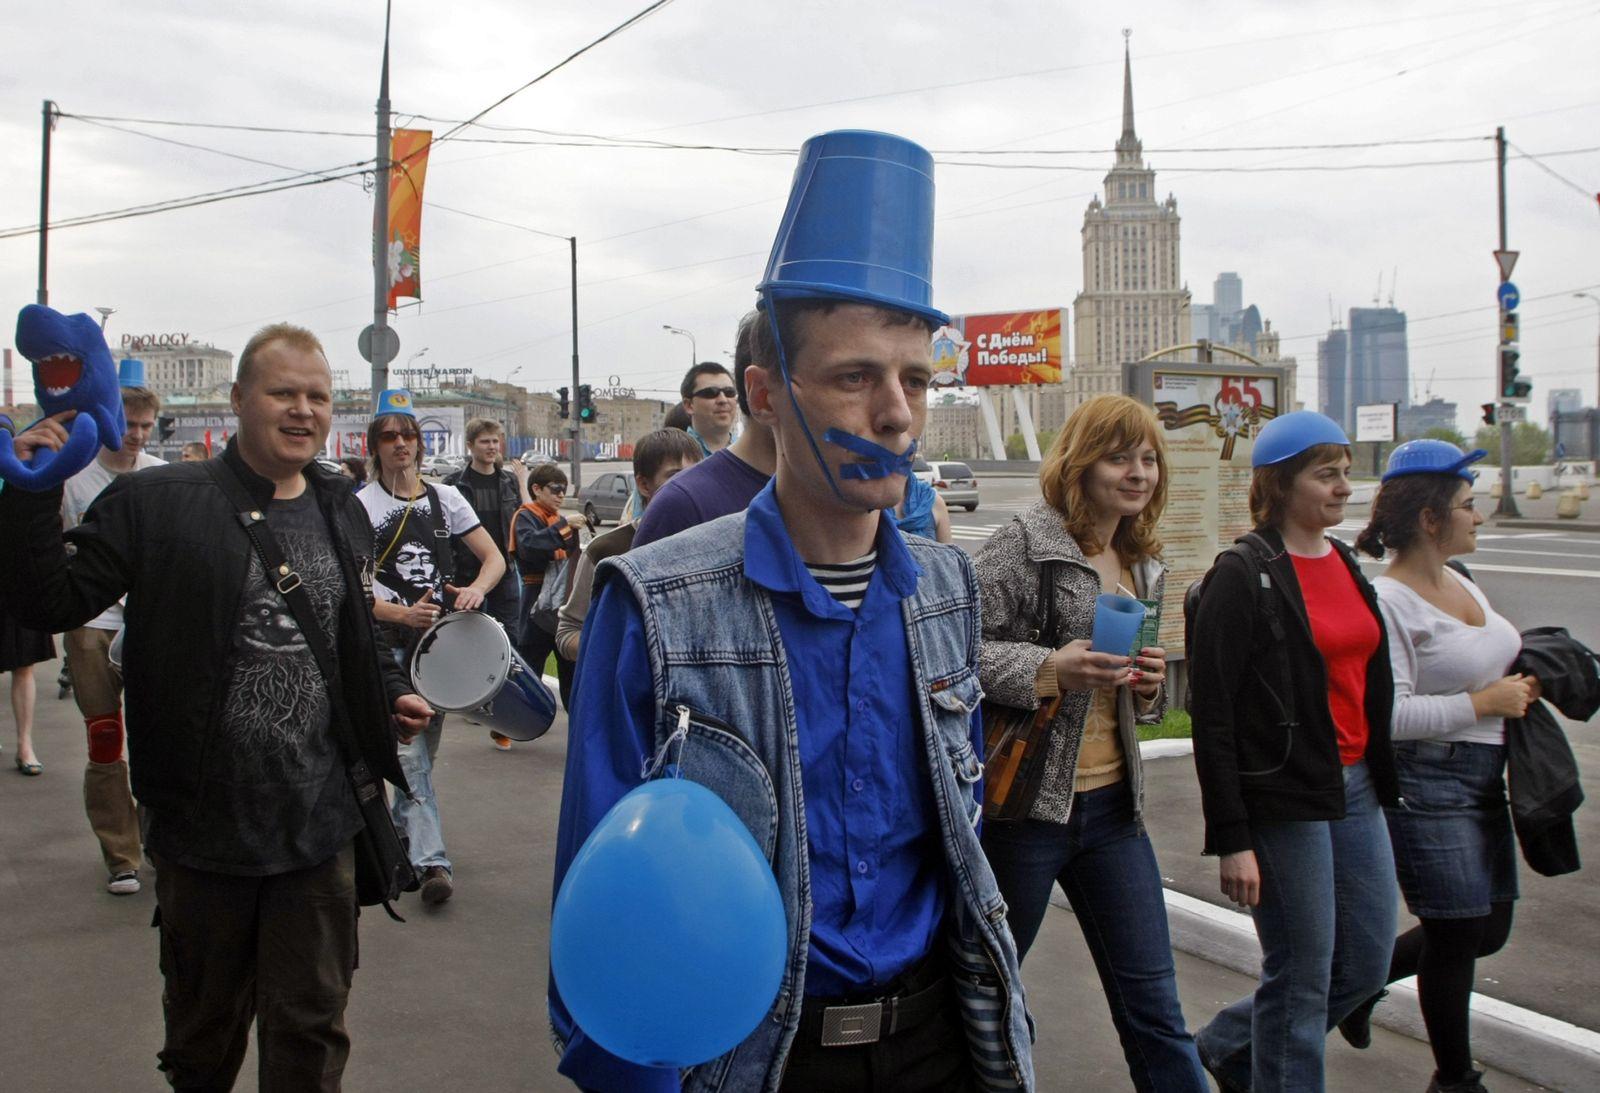 Russland / Demo / Blaulicht